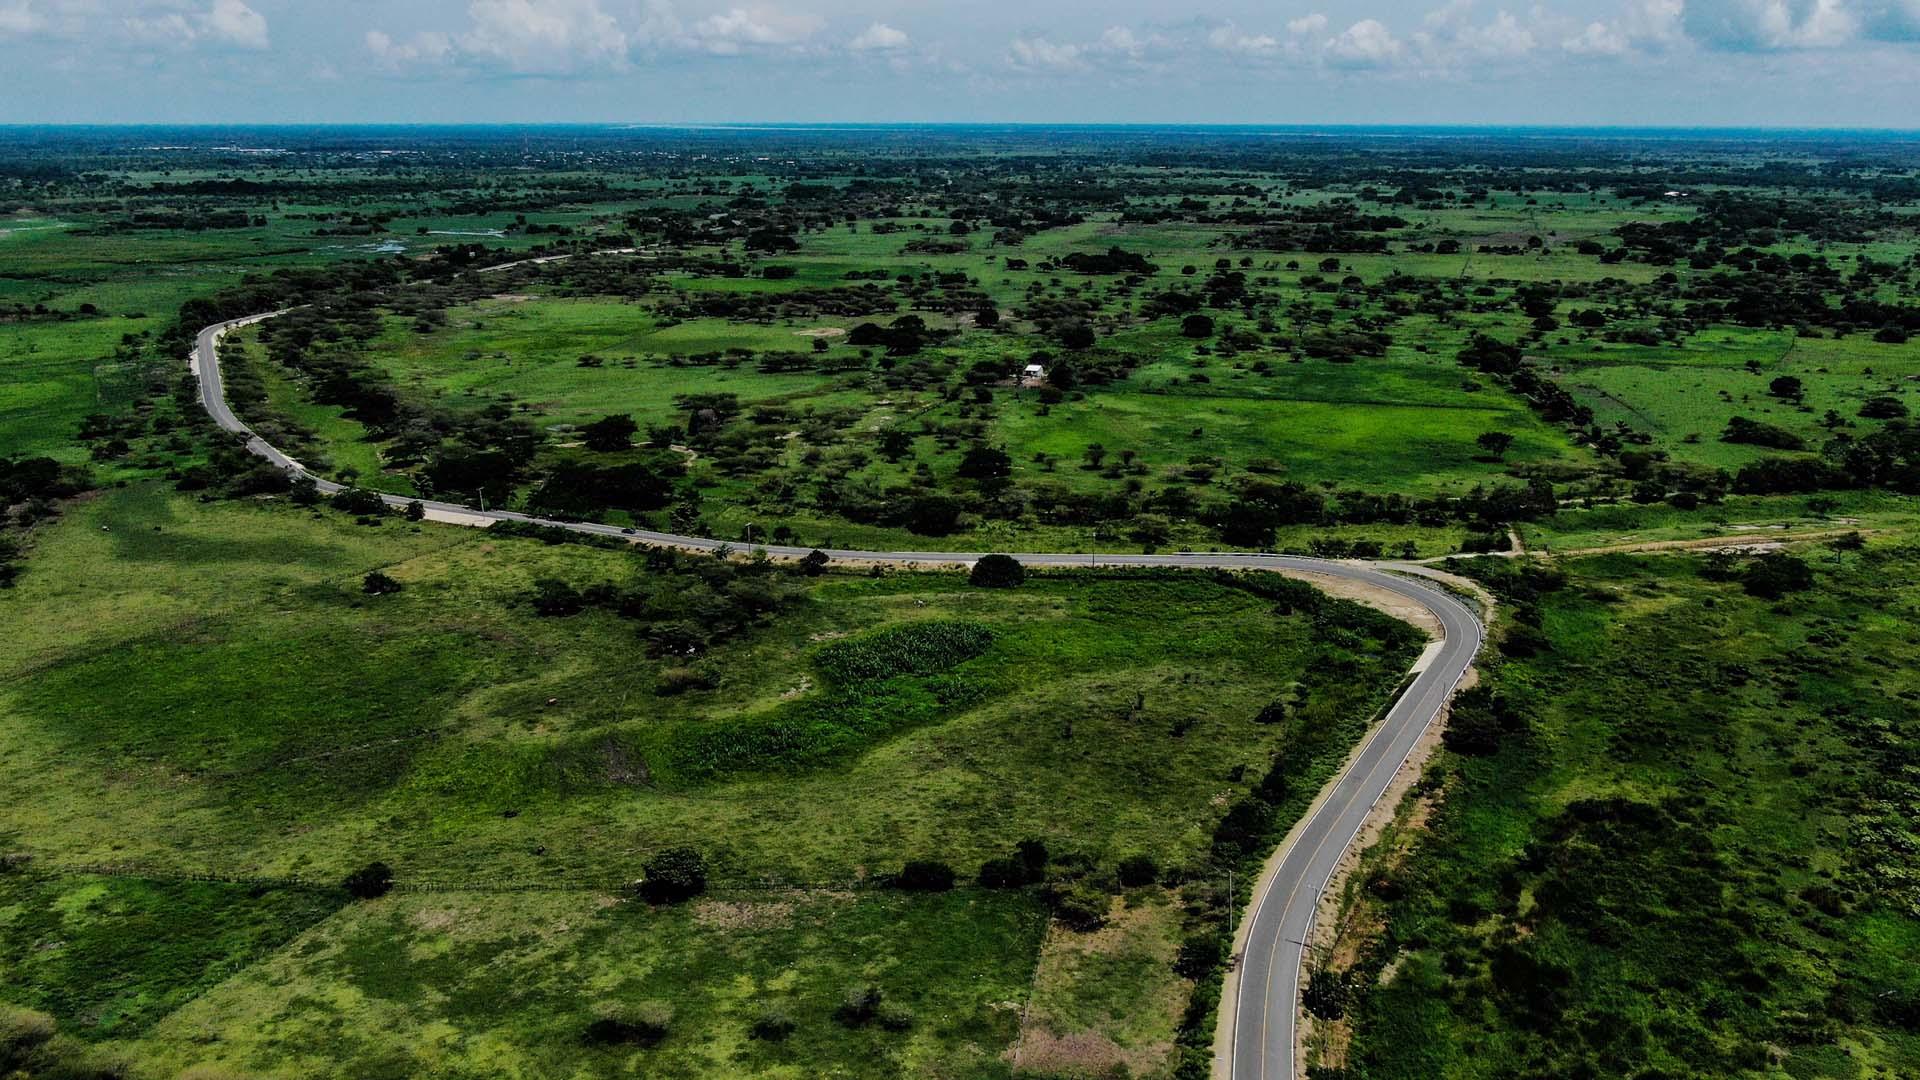 Transversal del Sur, 27 kilómetros que conectan Candelaria y Manatí - El Heraldo (Colombia)